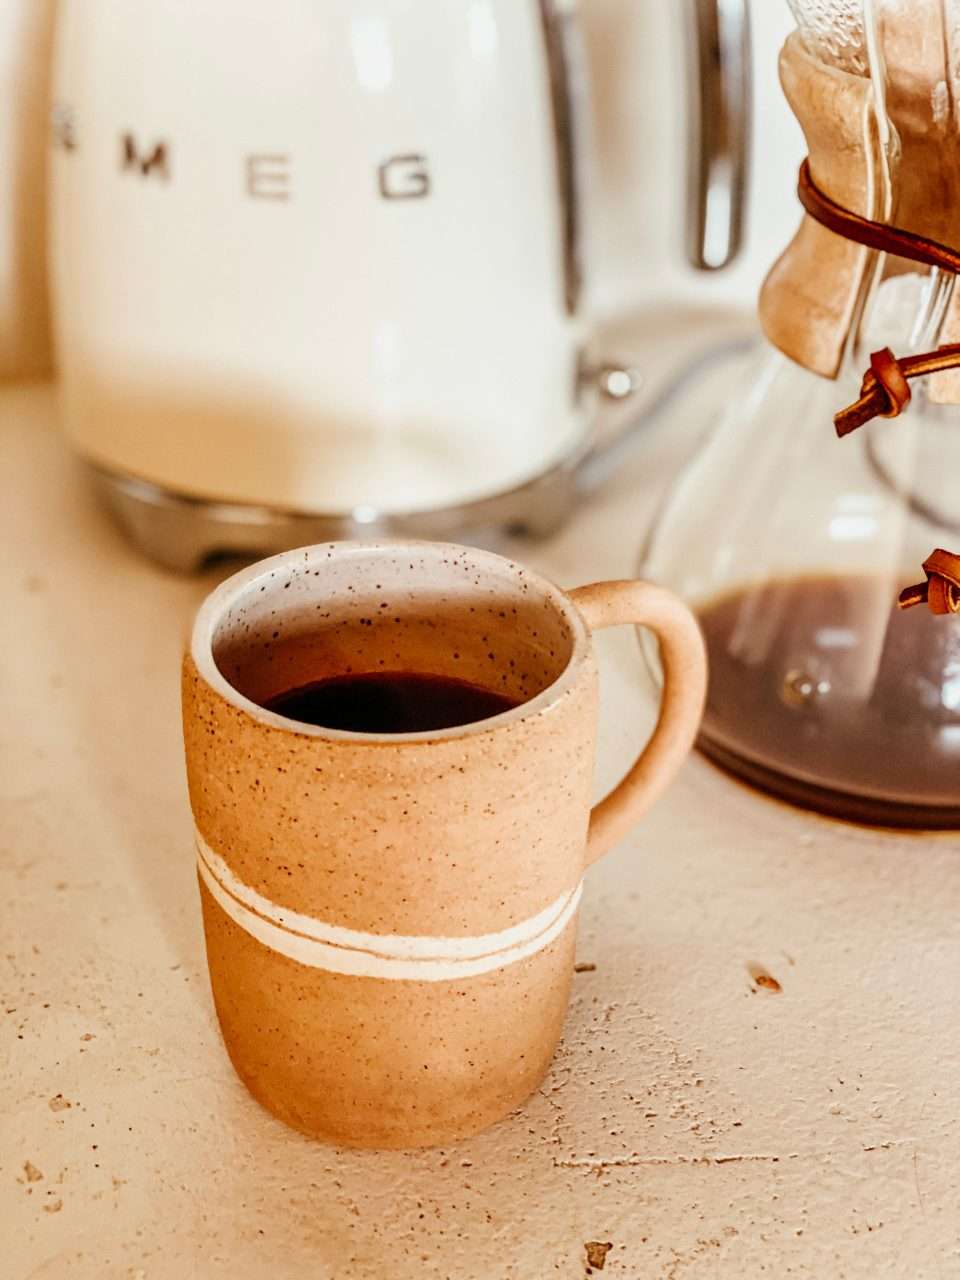 preparing coffee for my morning sun ritual